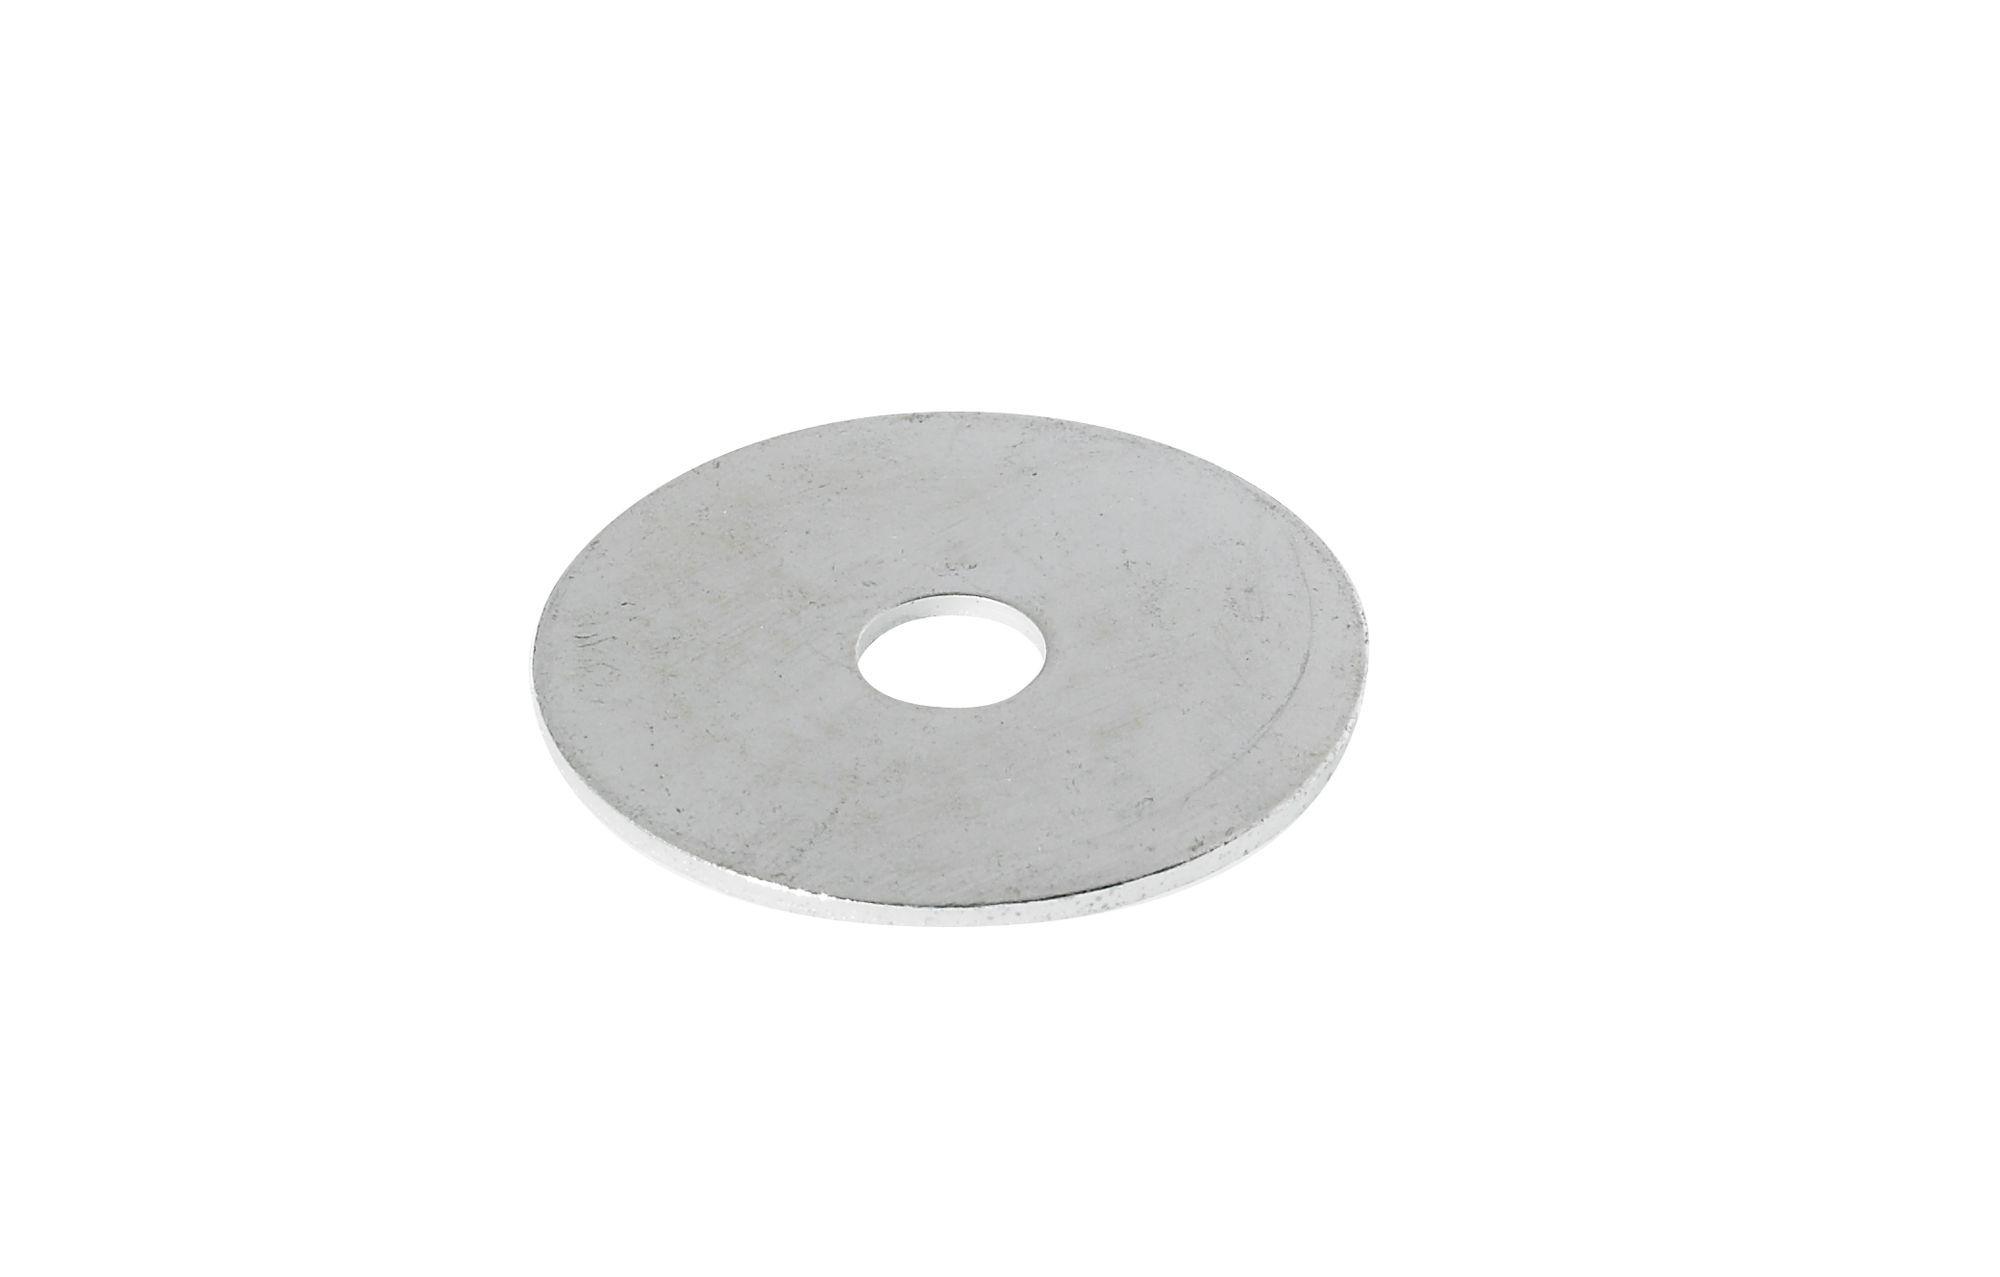 Avf M8 Steel Repair Washer, Pack Of 10